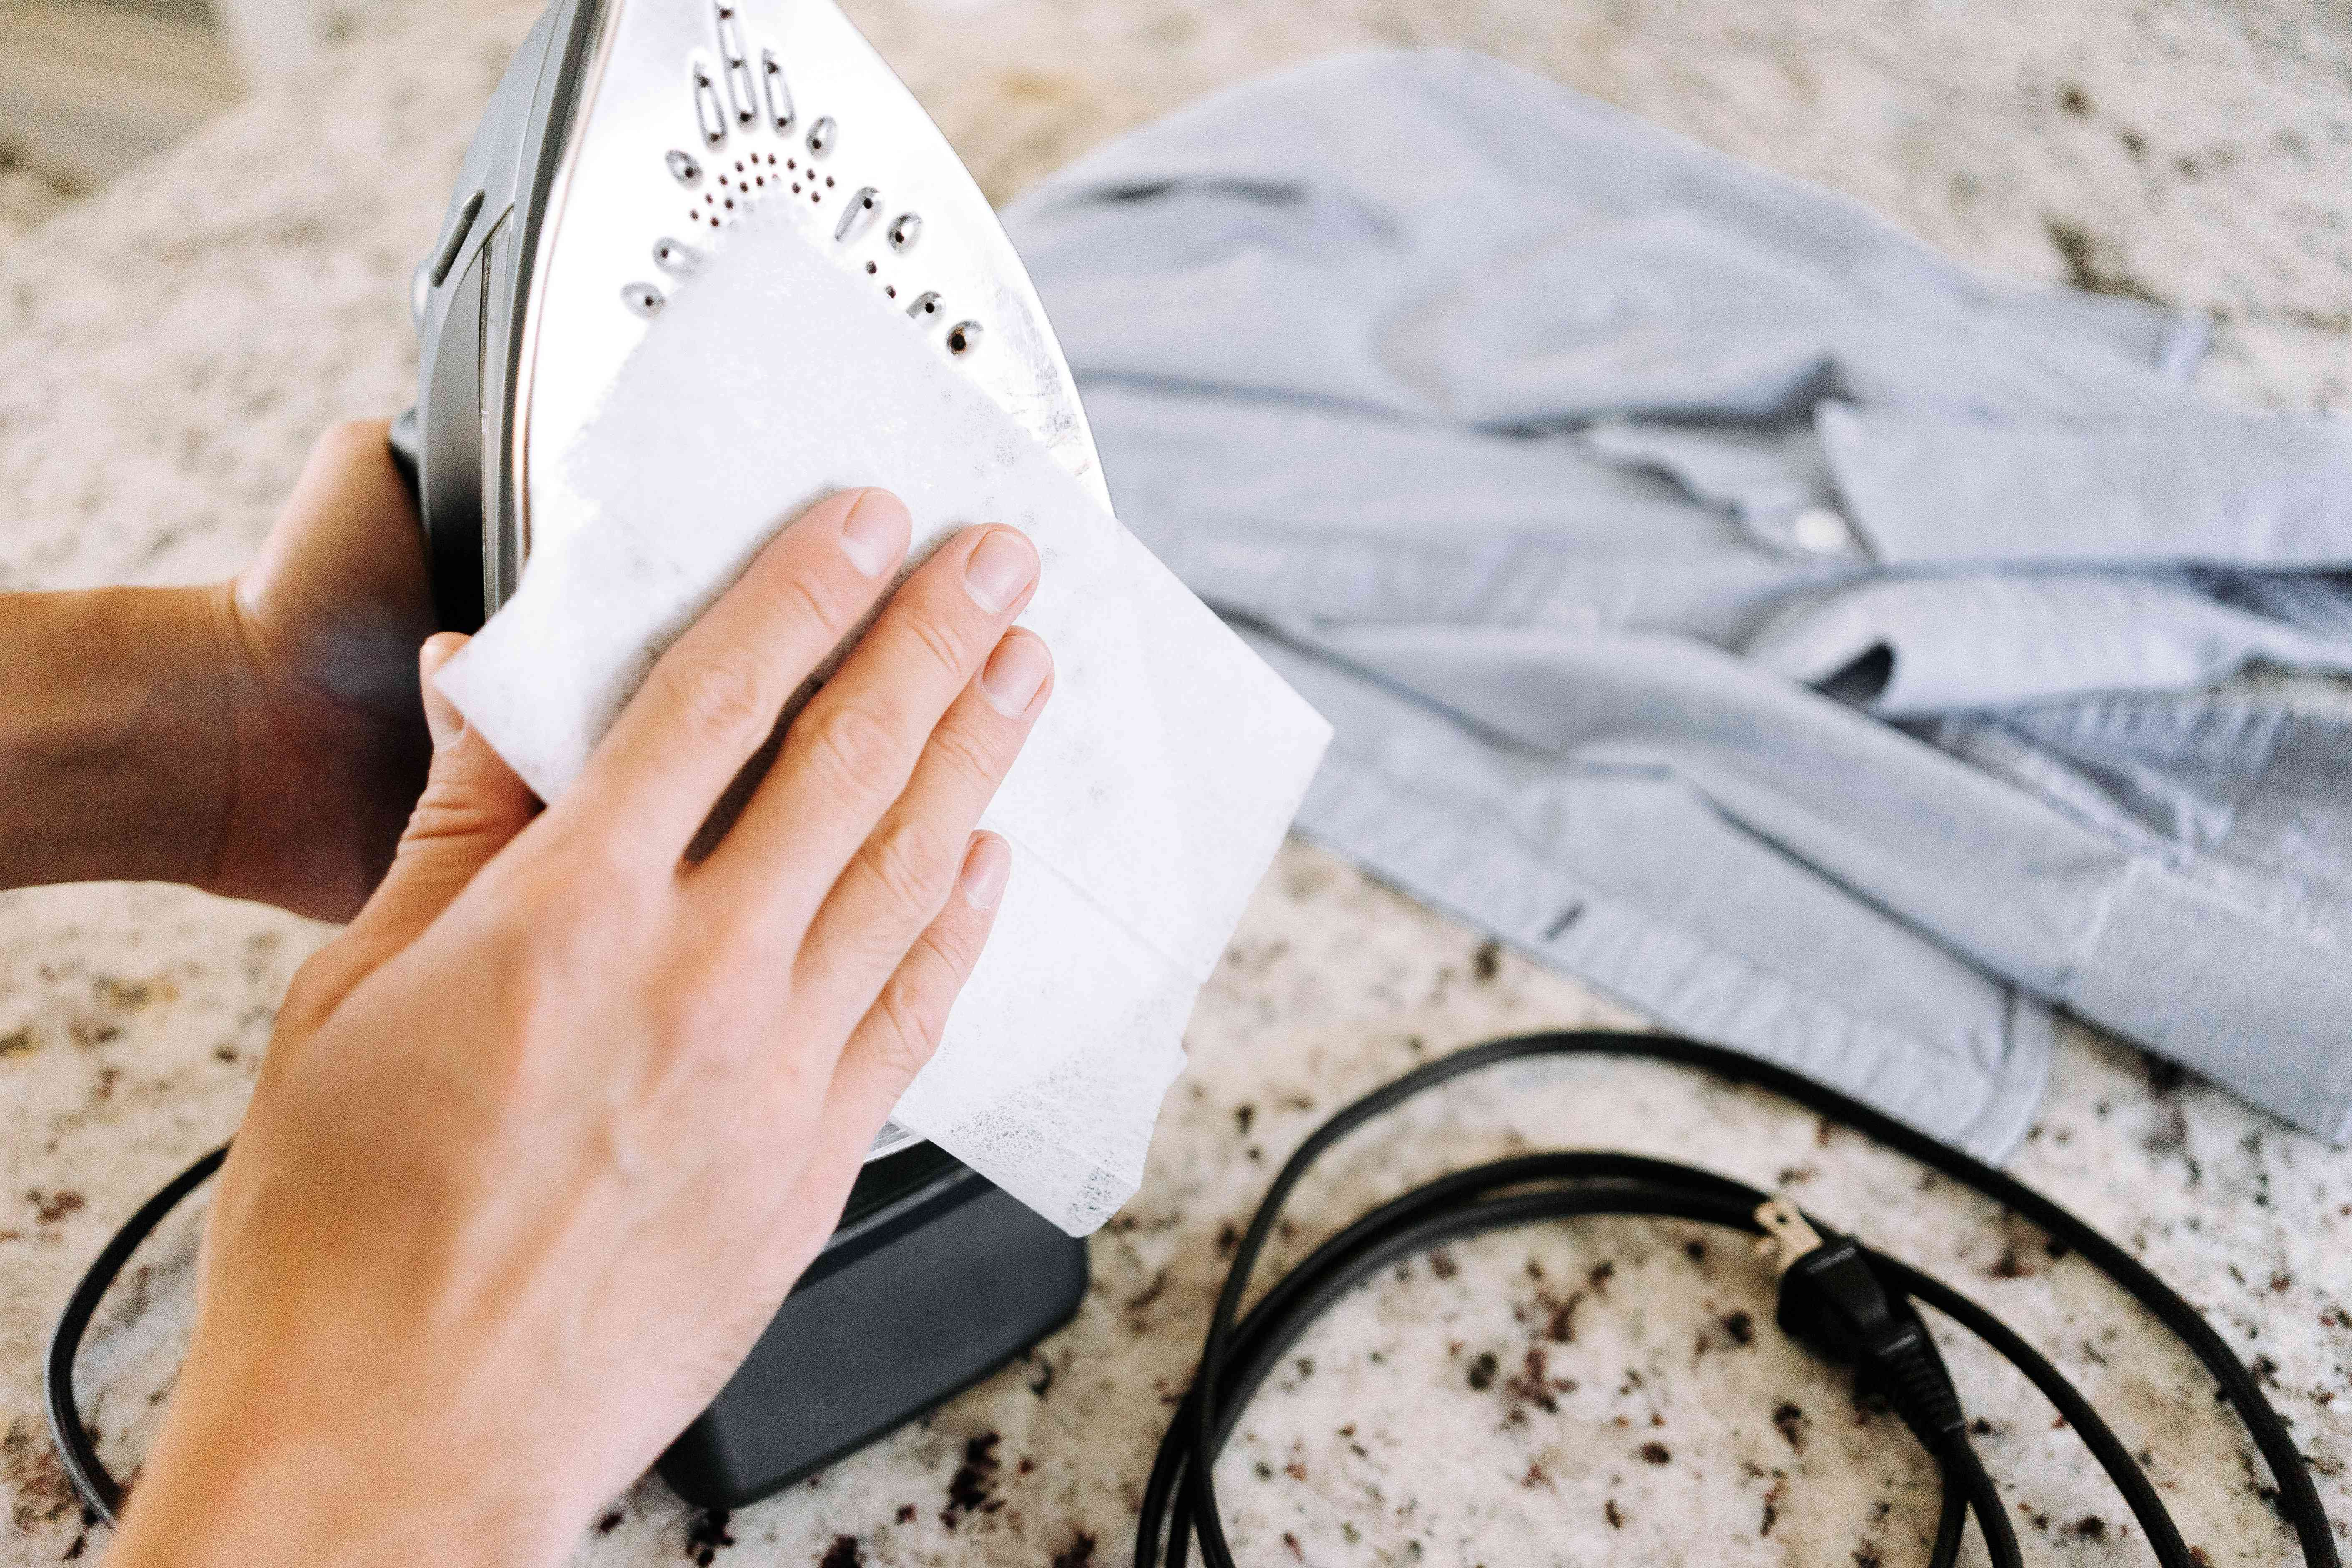 using a dryer sheet on an iron